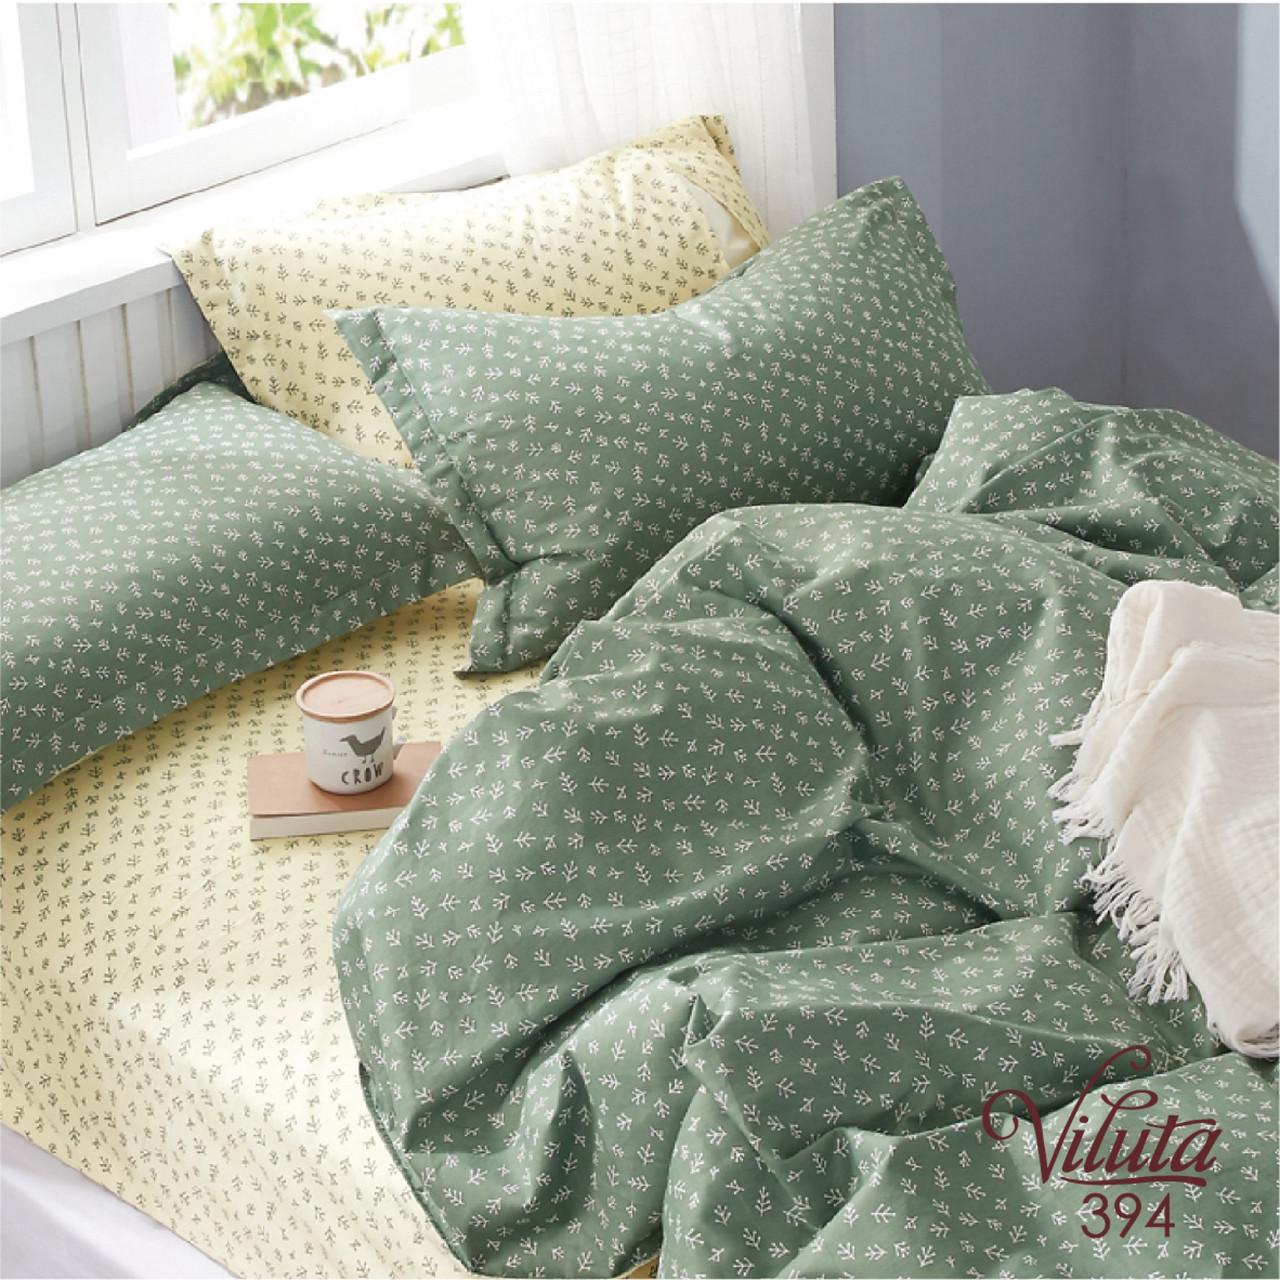 Комплект постельного белья сатин 394 Viluta Двухспальный